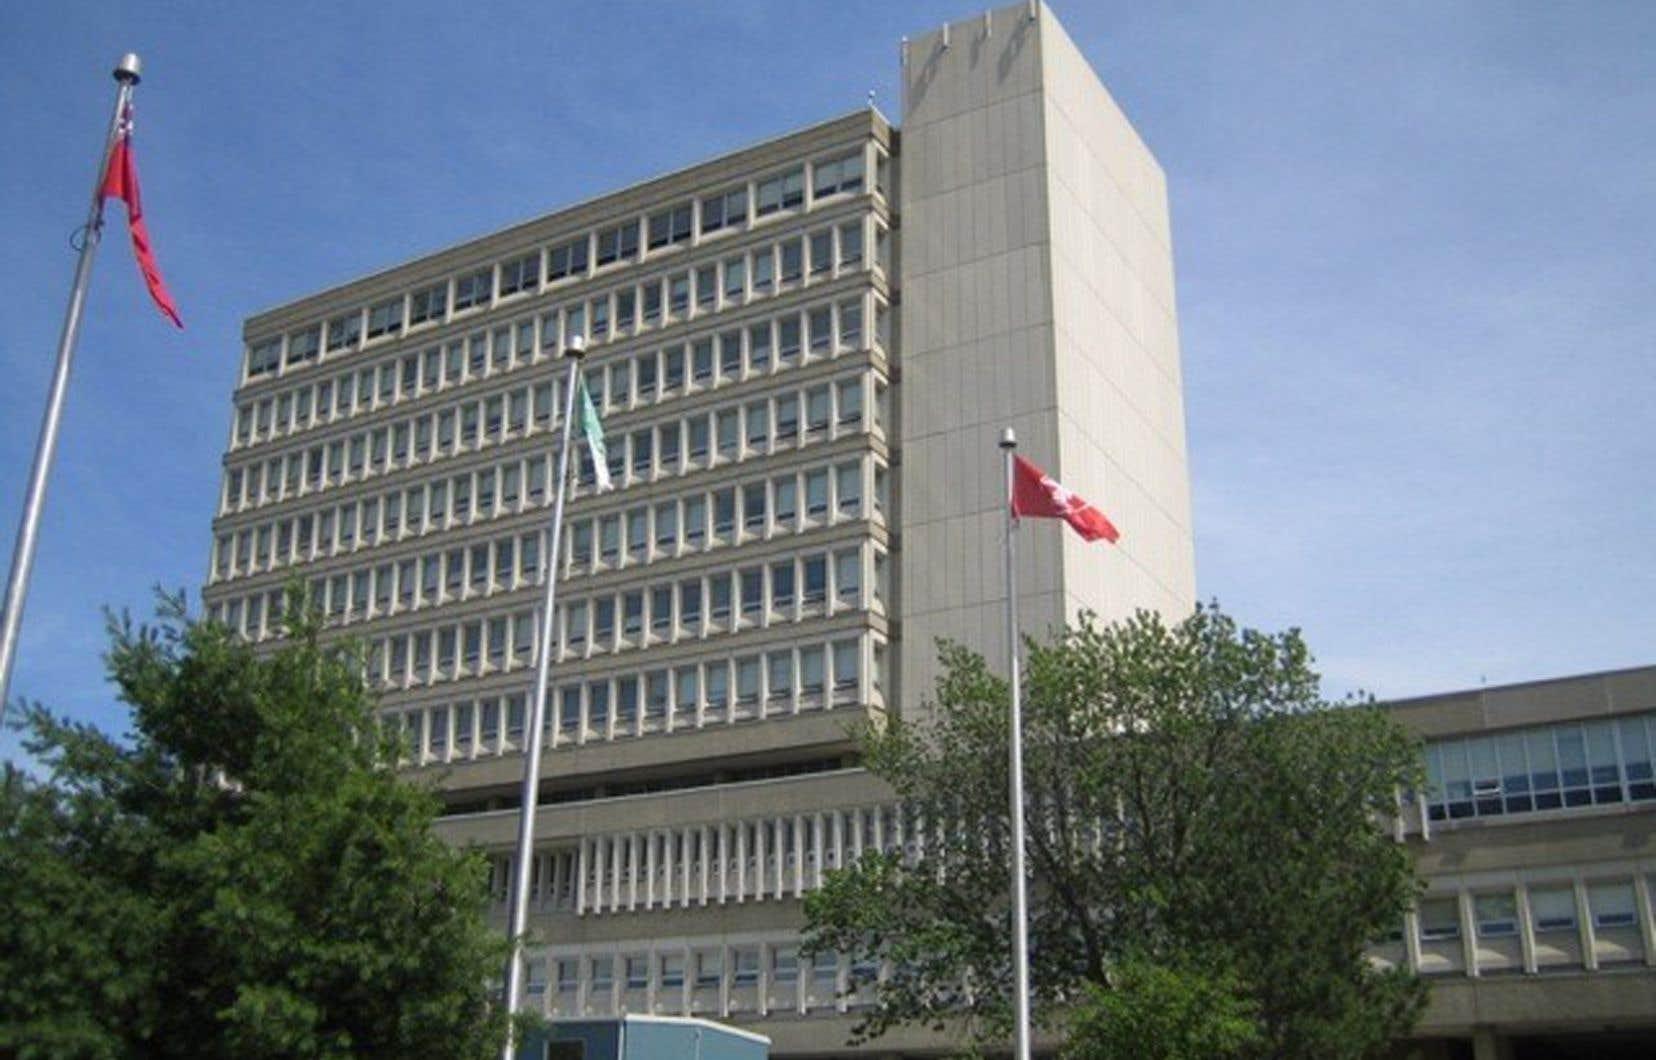 Depuis le début de l'année, l'Université Laurentienne a licencié près de 200 employés et professeurs, a aboli 69 programmes et a mis fin à son association avec ses trois universités fédérées.